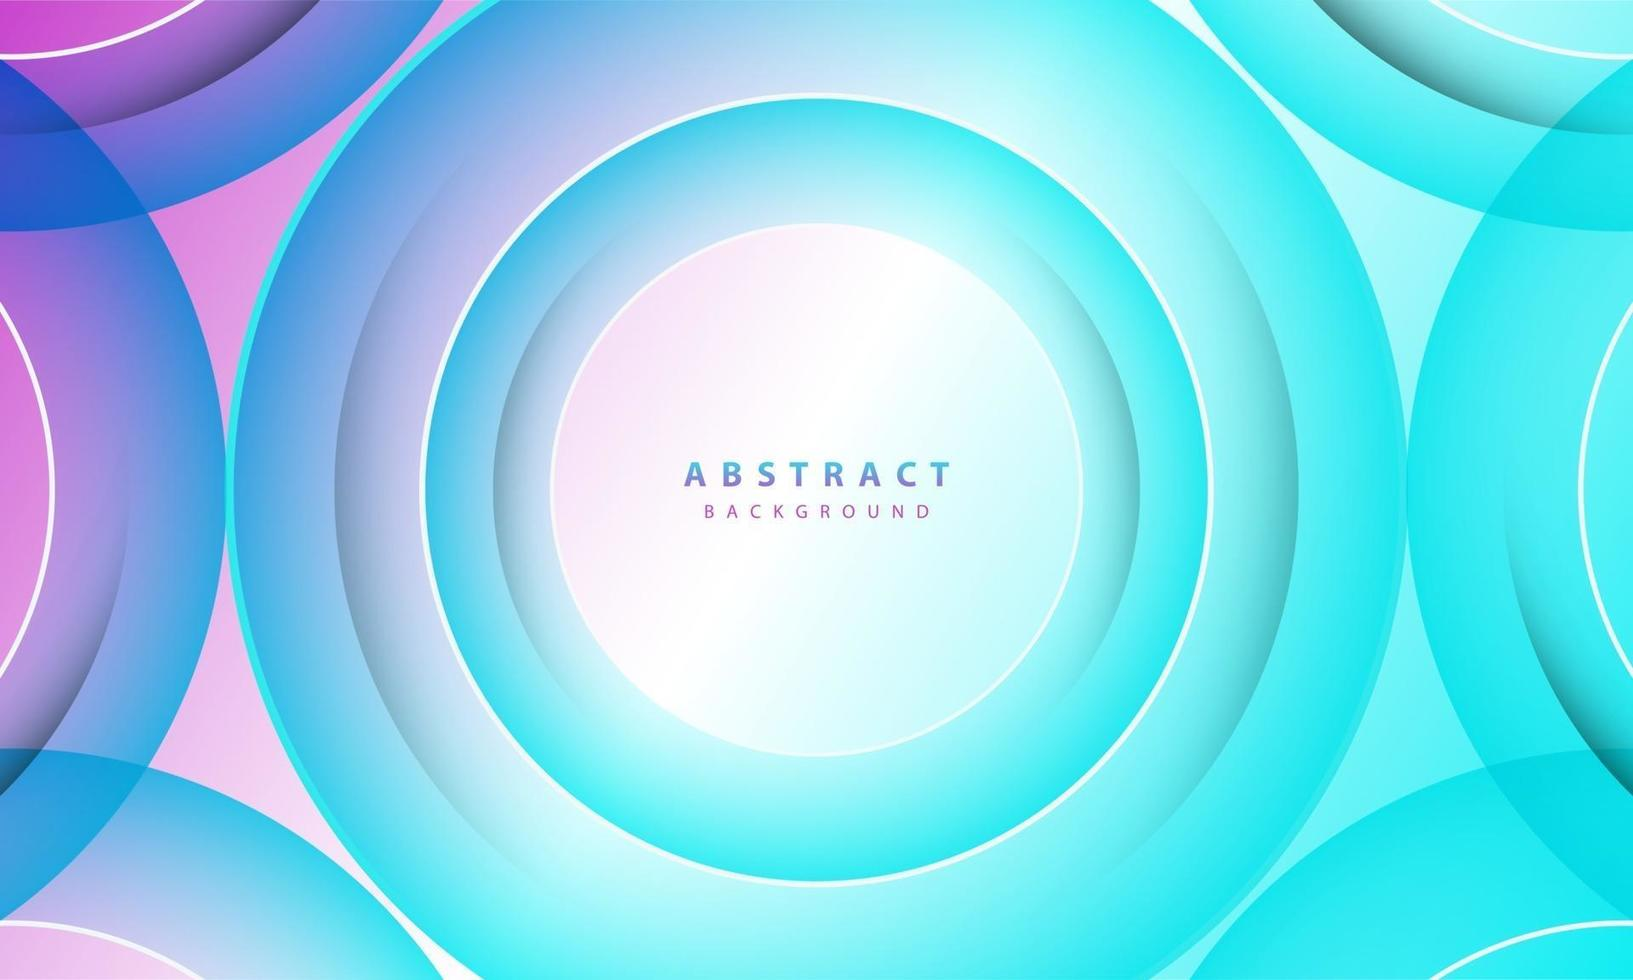 lutning bakgrund. abstrakt cirkel papper klippa slät färgkomposition. vektor